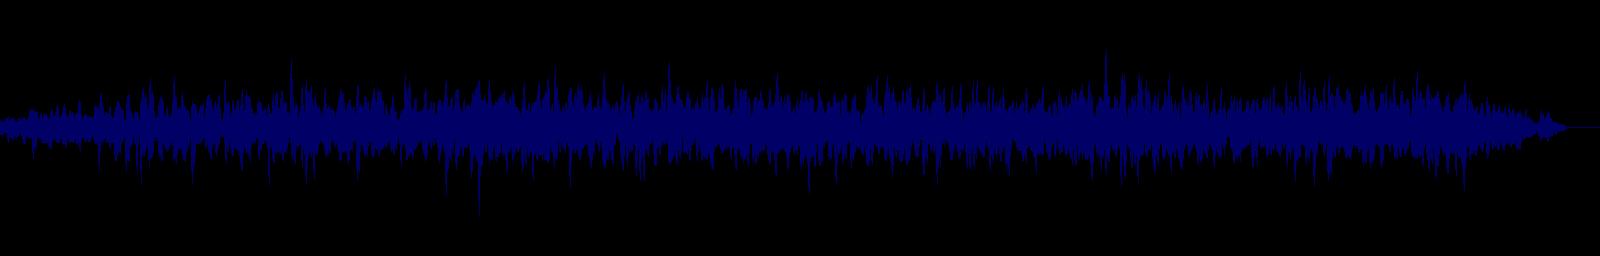 waveform of track #154856